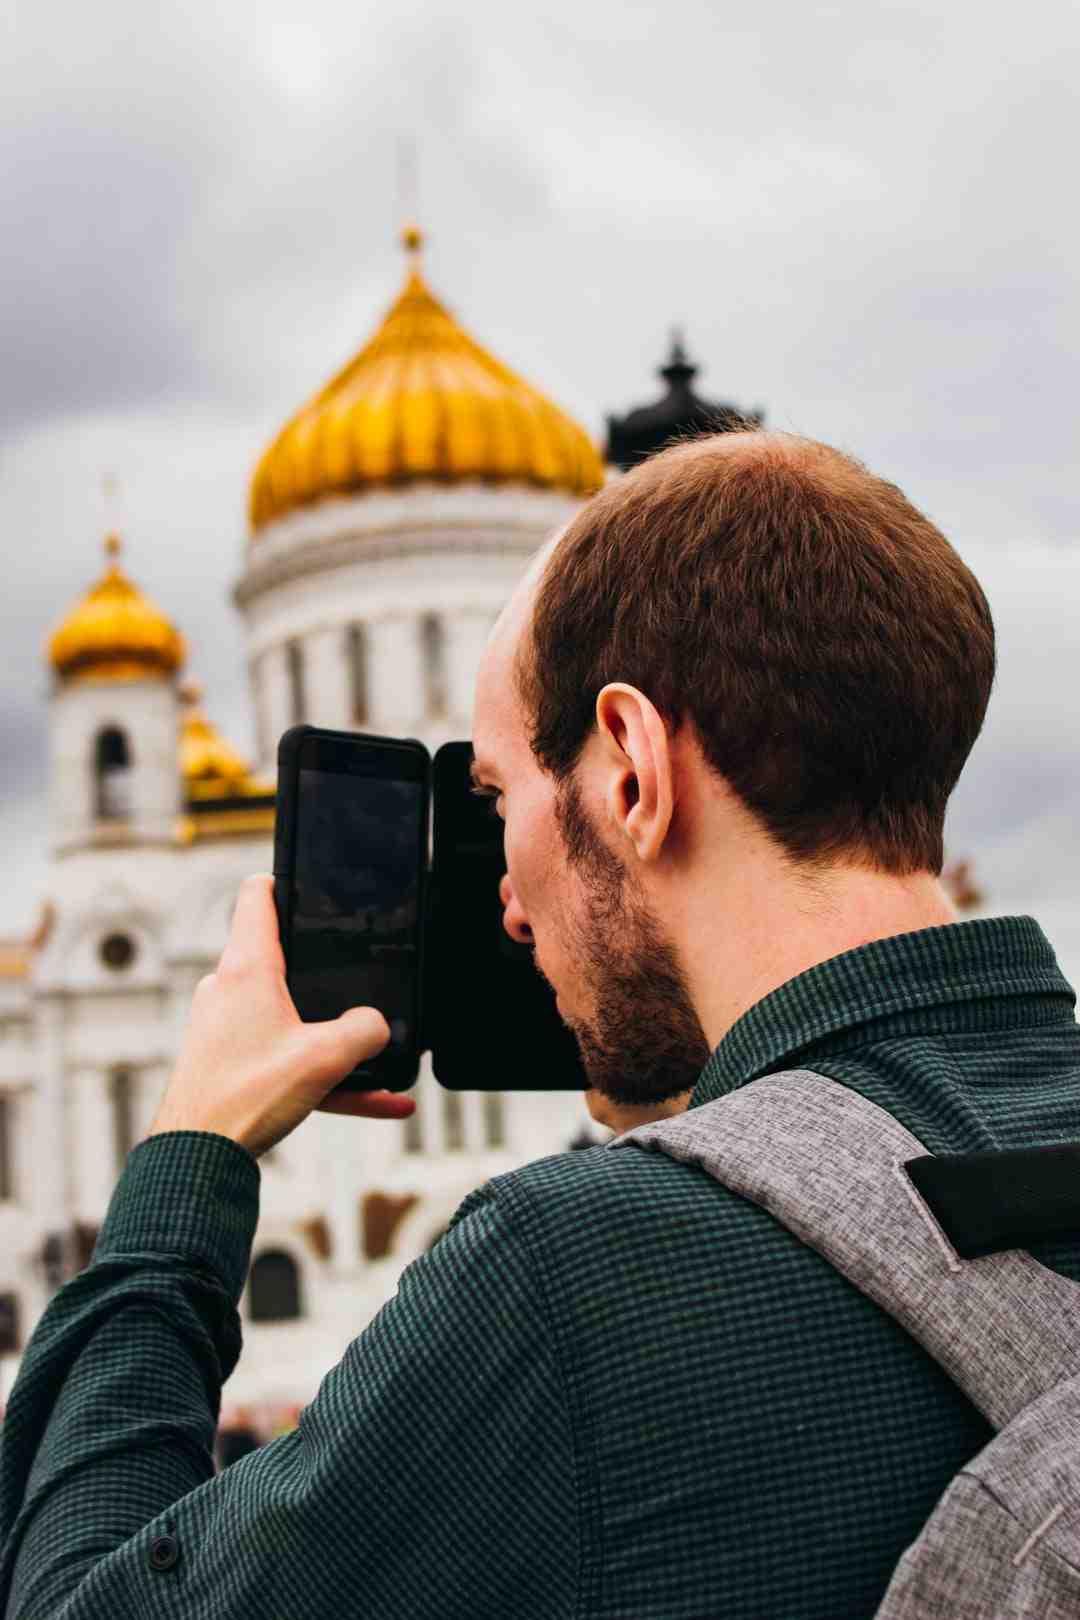 Comment développer des photos de téléphone?